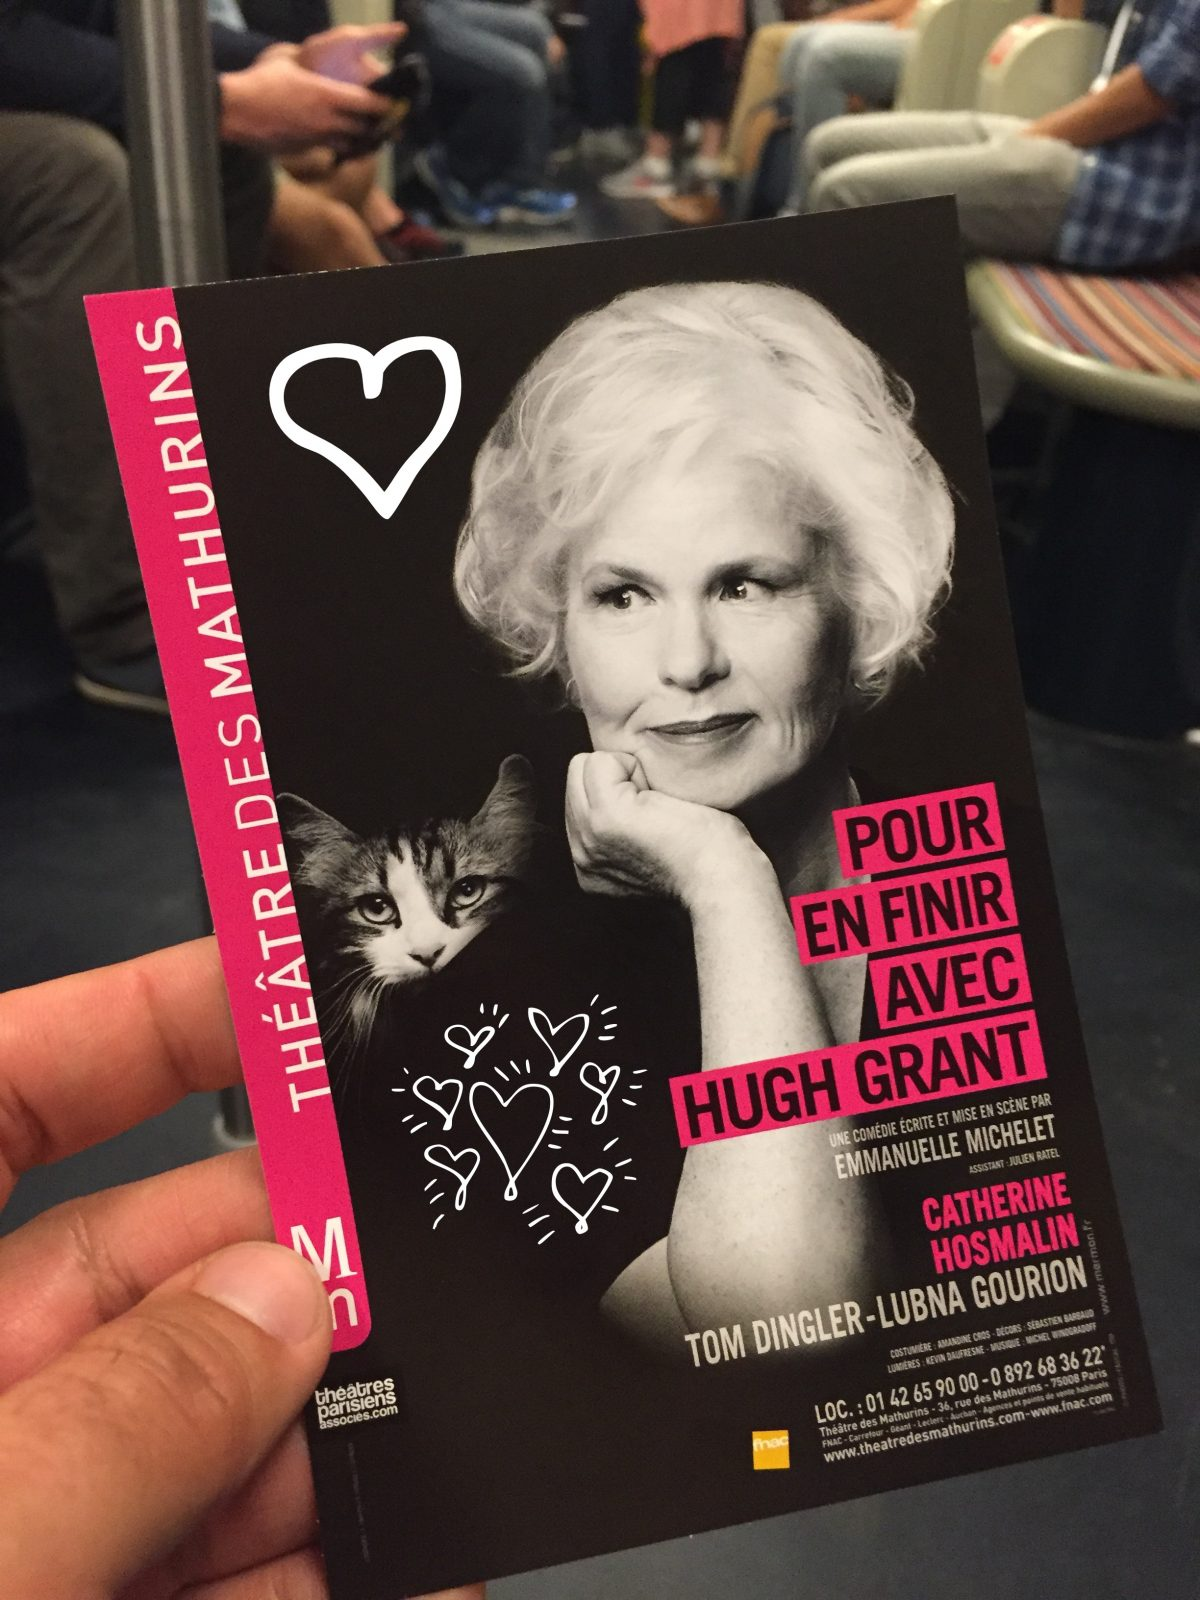 Pour en finir avec Hugh Grant avec Catherine Hosmalin Tom Dingler Lubna Gourion Théâtre des Mathurins affiche coeurs photo usofparis blog